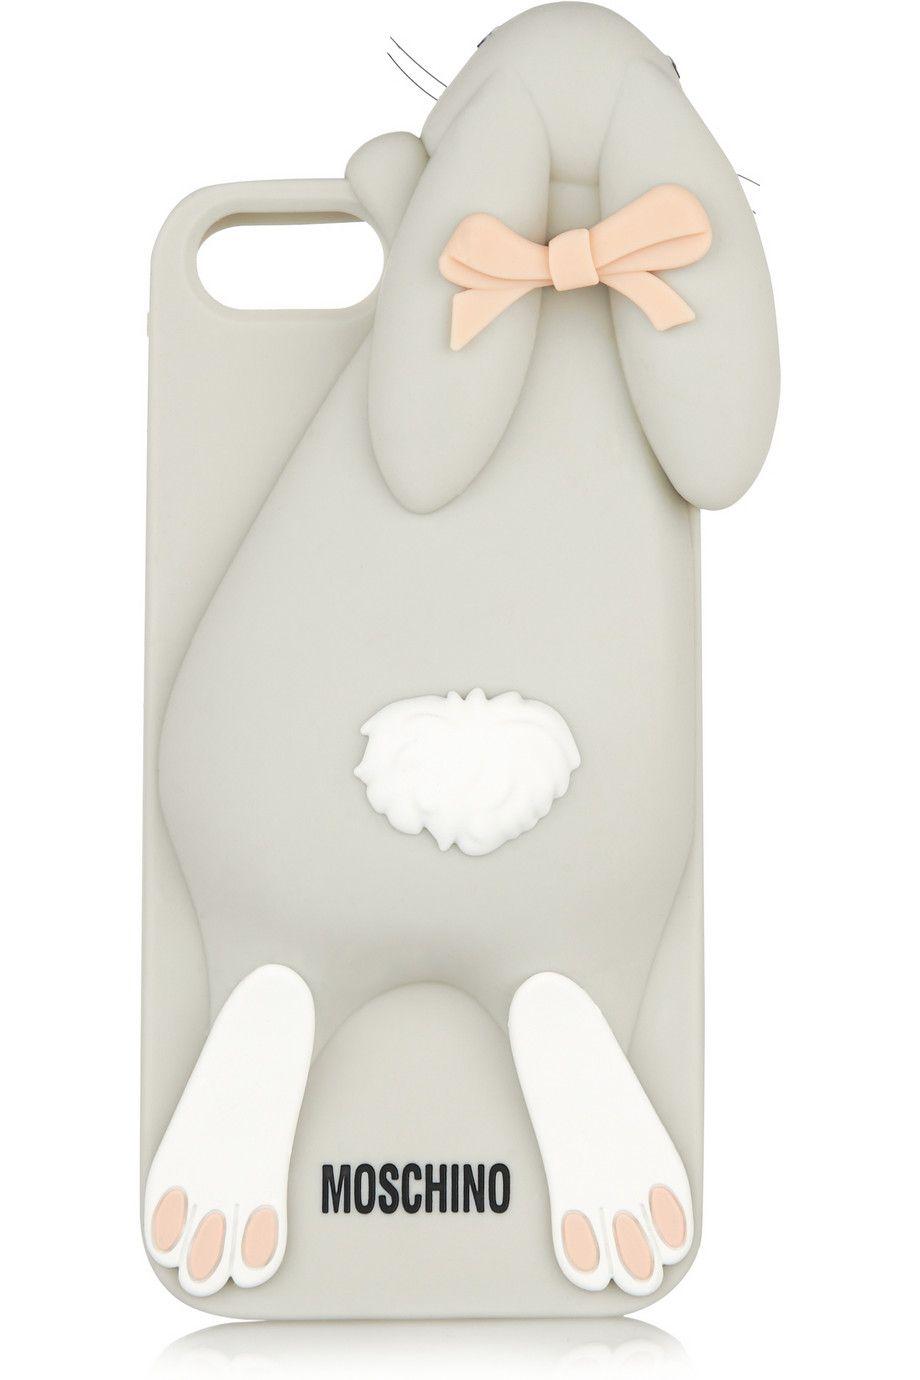 Moschino | Violetta rabbit iPhone 5 cover | NET-A-PORTER.COM ...